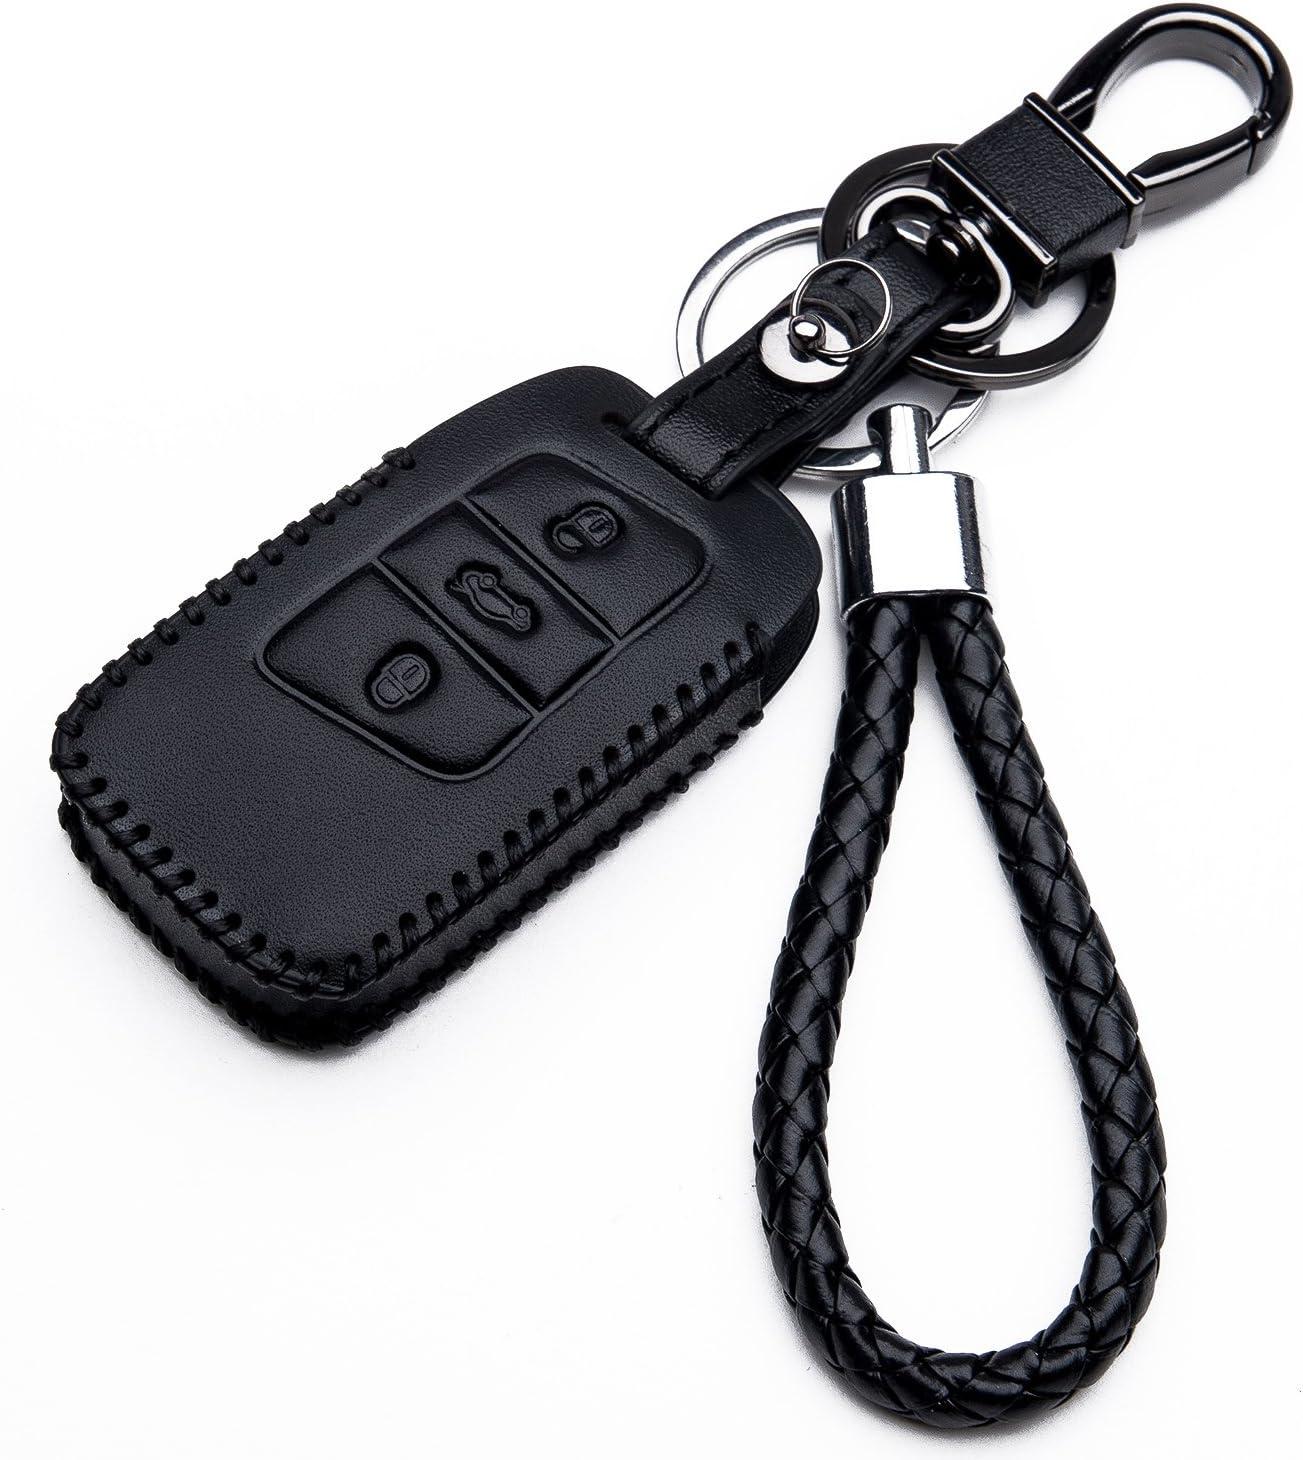 Cuero estuche funda para VW Polo Passat b8 Touran Sharan clave tras vívido!